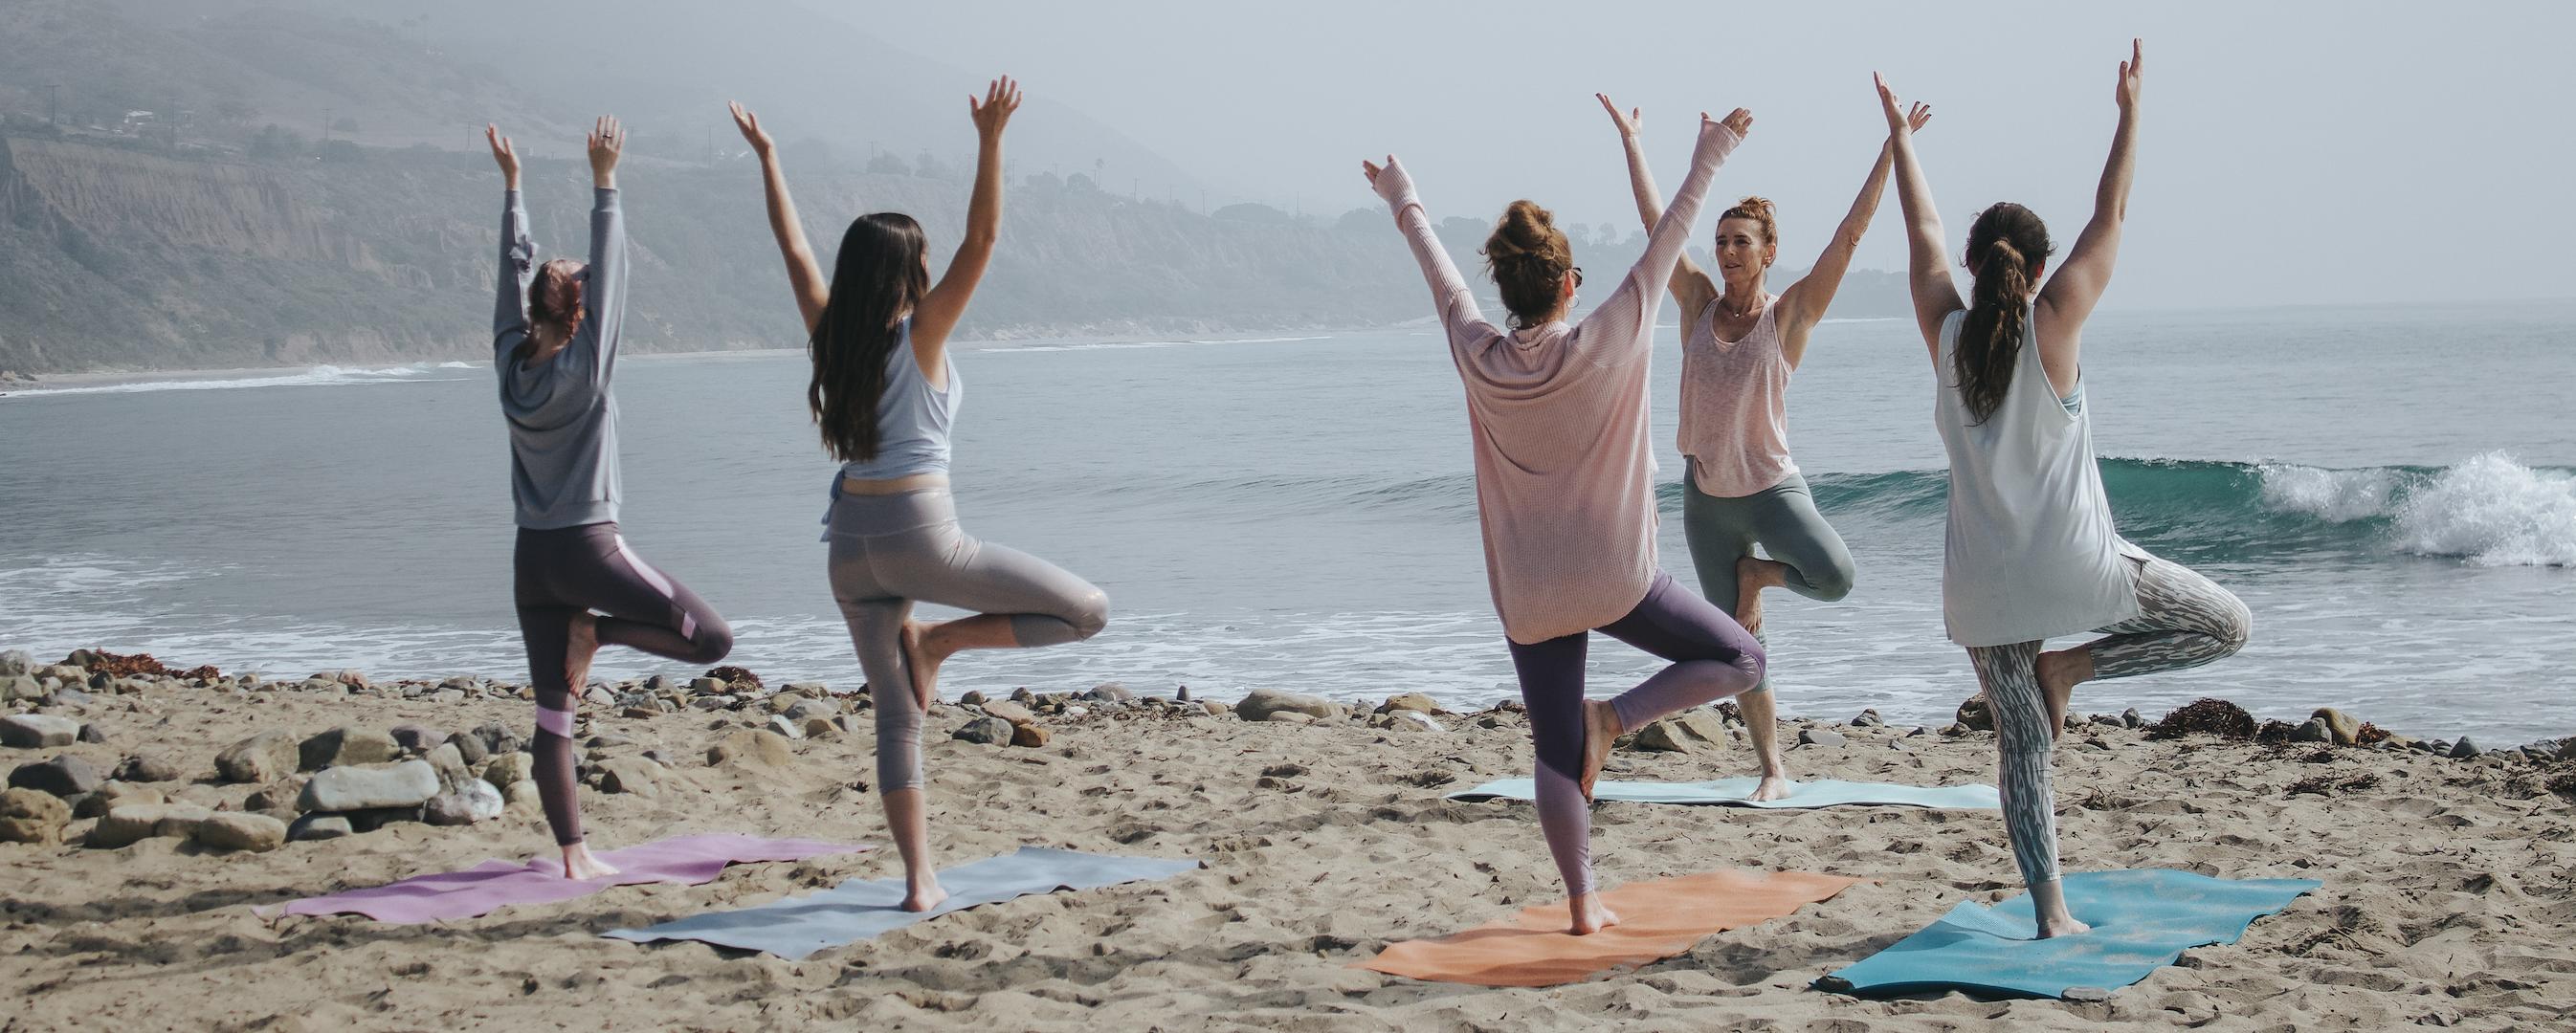 Personnes faisant du yoga